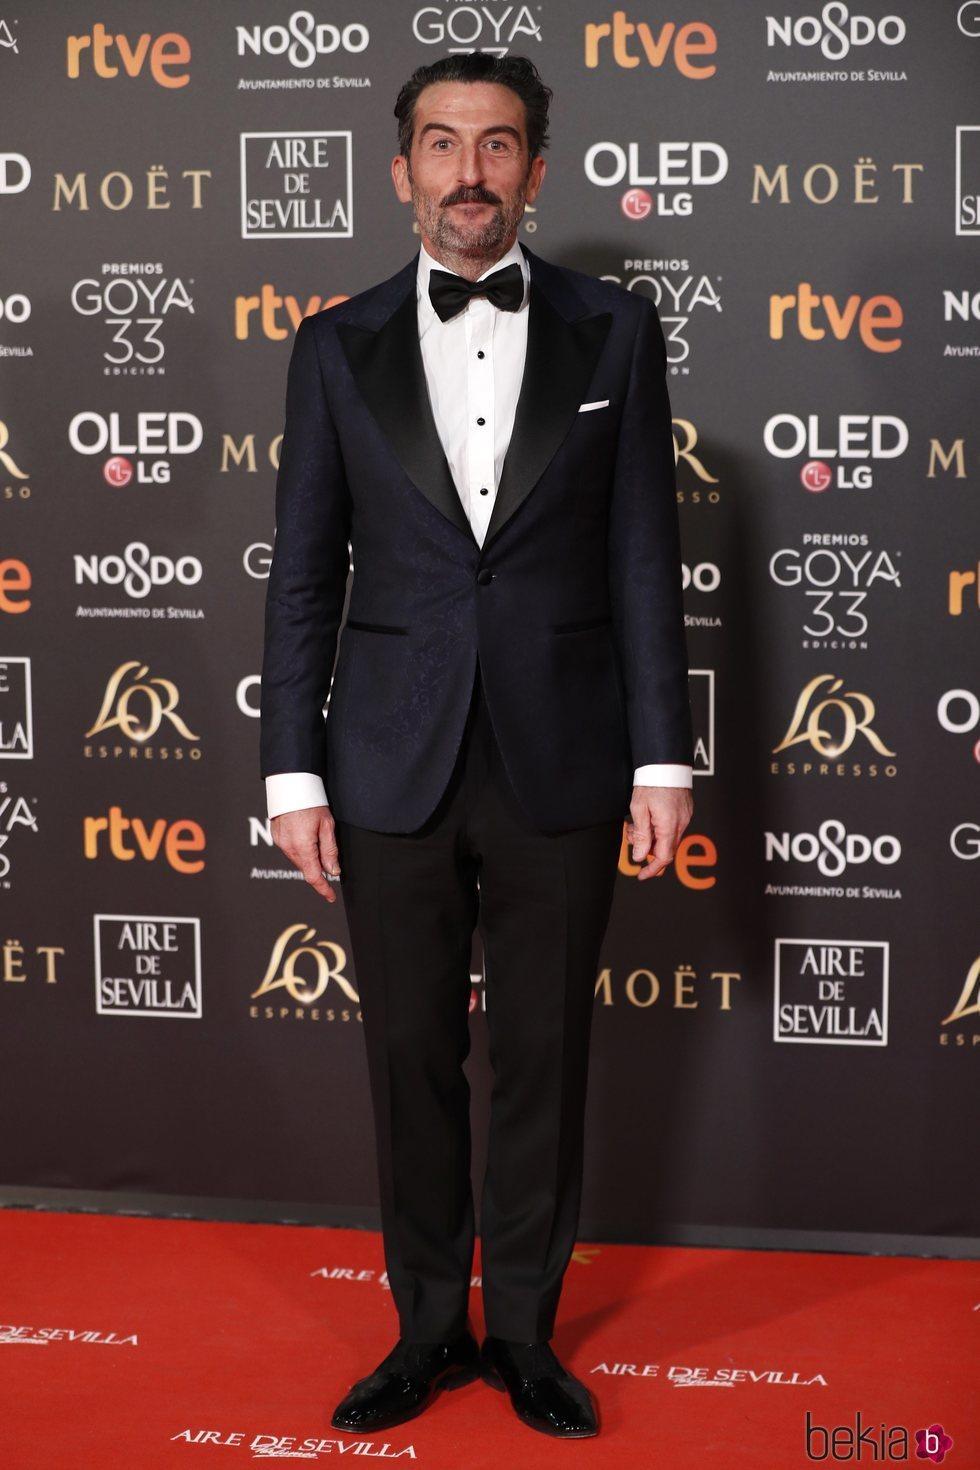 Luis Zahera en la alfombra roja de los Premios Goya 2019